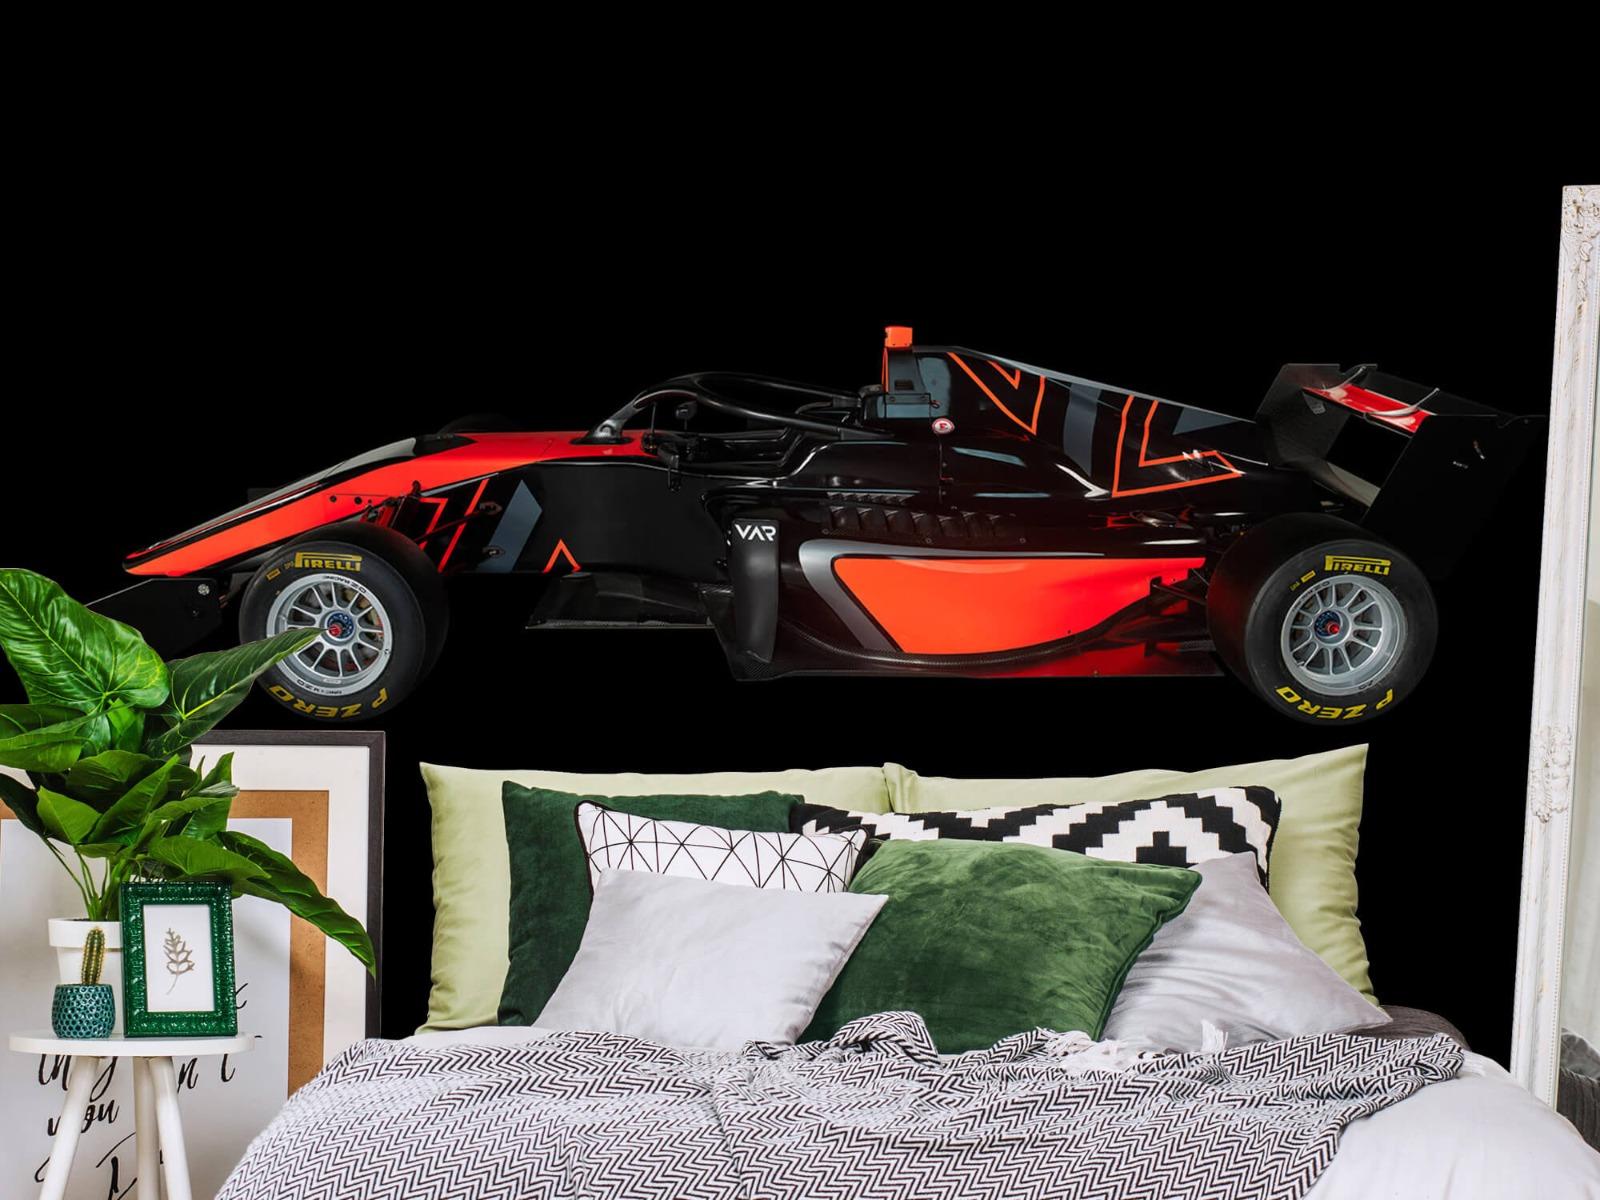 Sportauto's - Formula 3 - Side view - dark - Garage 13